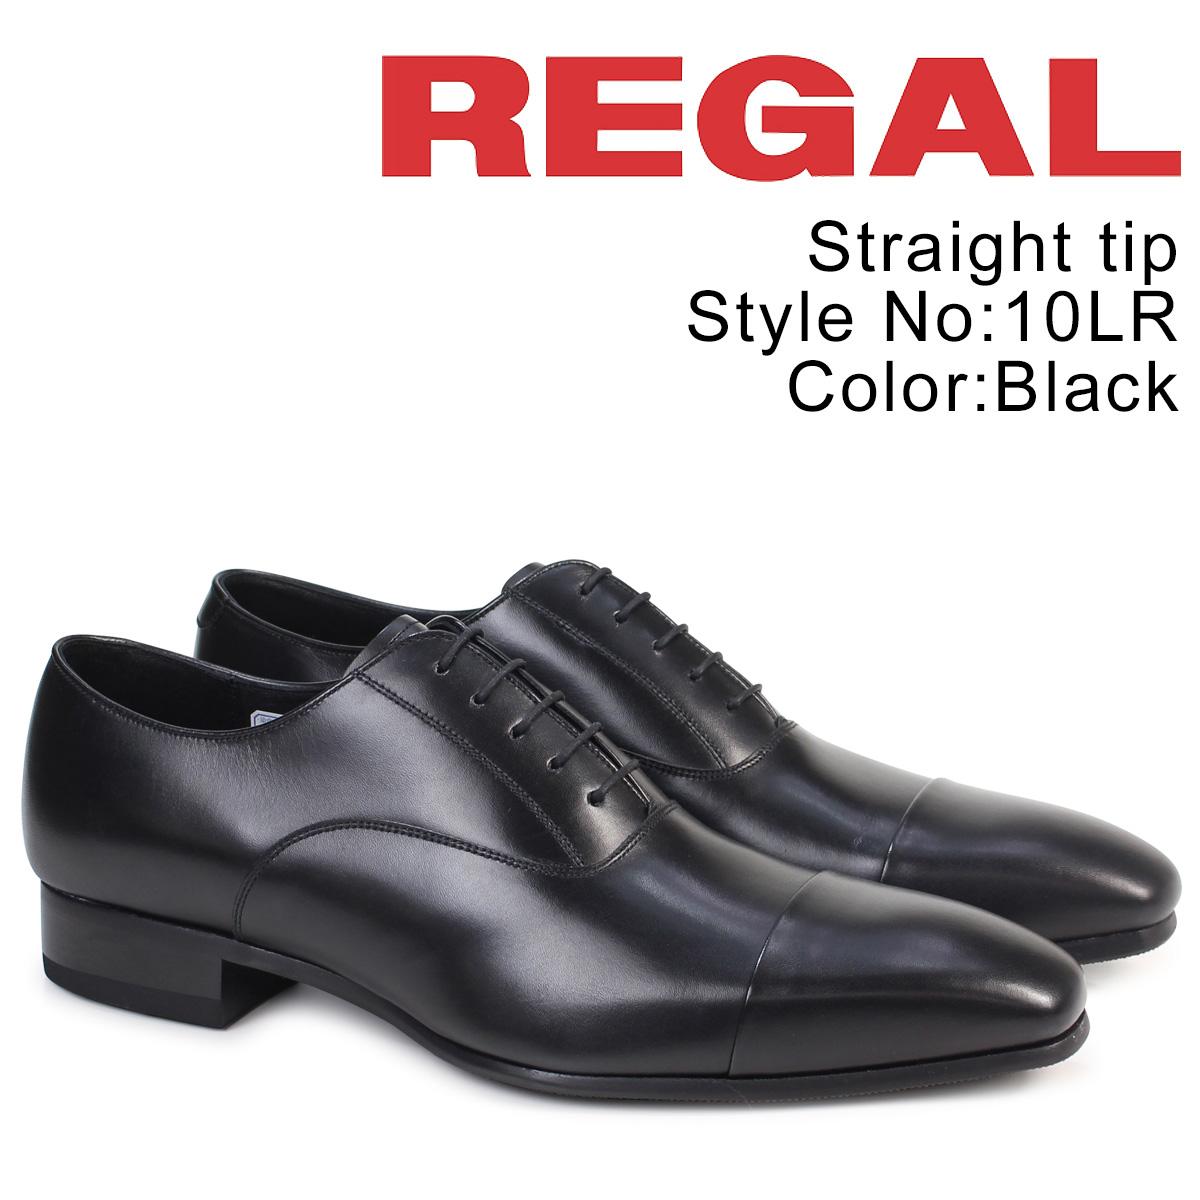 REGAL 靴 メンズ リーガル ストレートチップ 10LRBD ビジネスシューズ 日本製 ブラック [9/12 追加入荷]